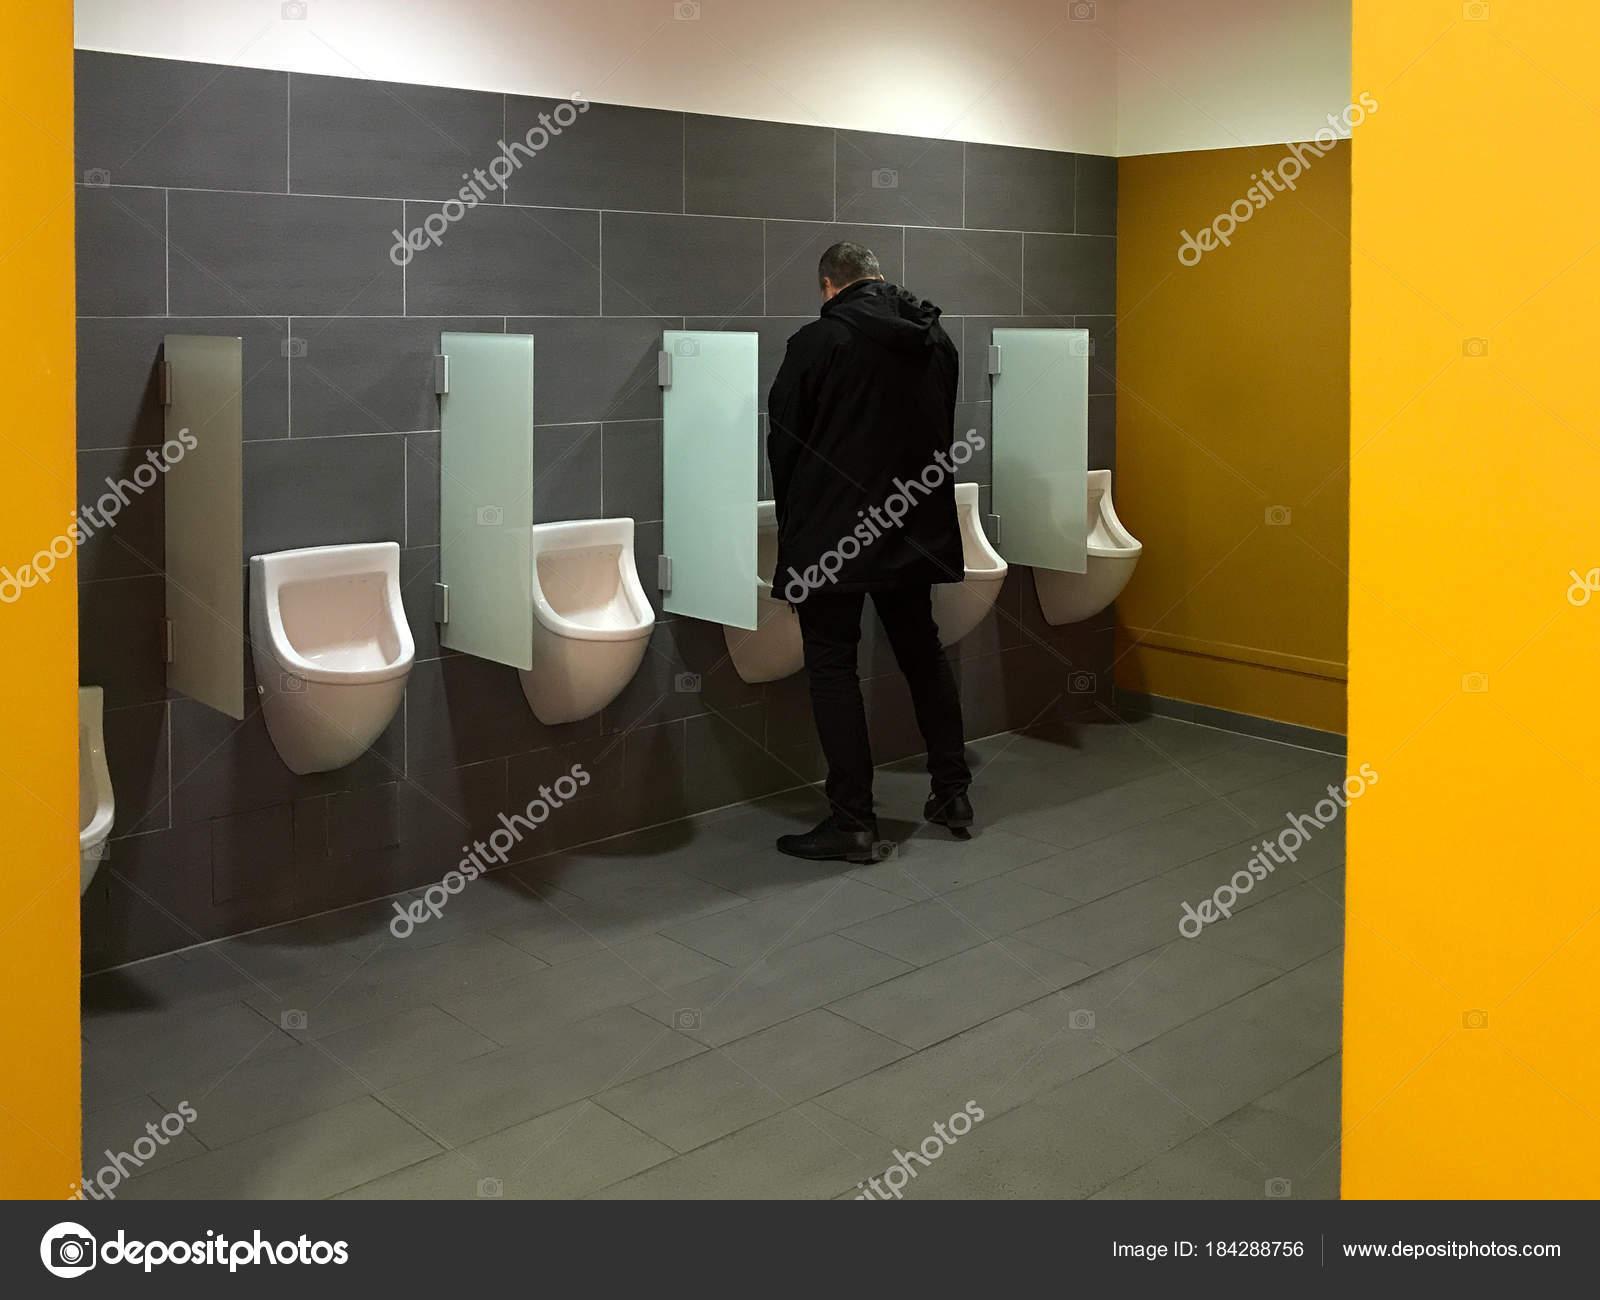 мужчины таких как мужчины писать в туалете расскажет себе, своих